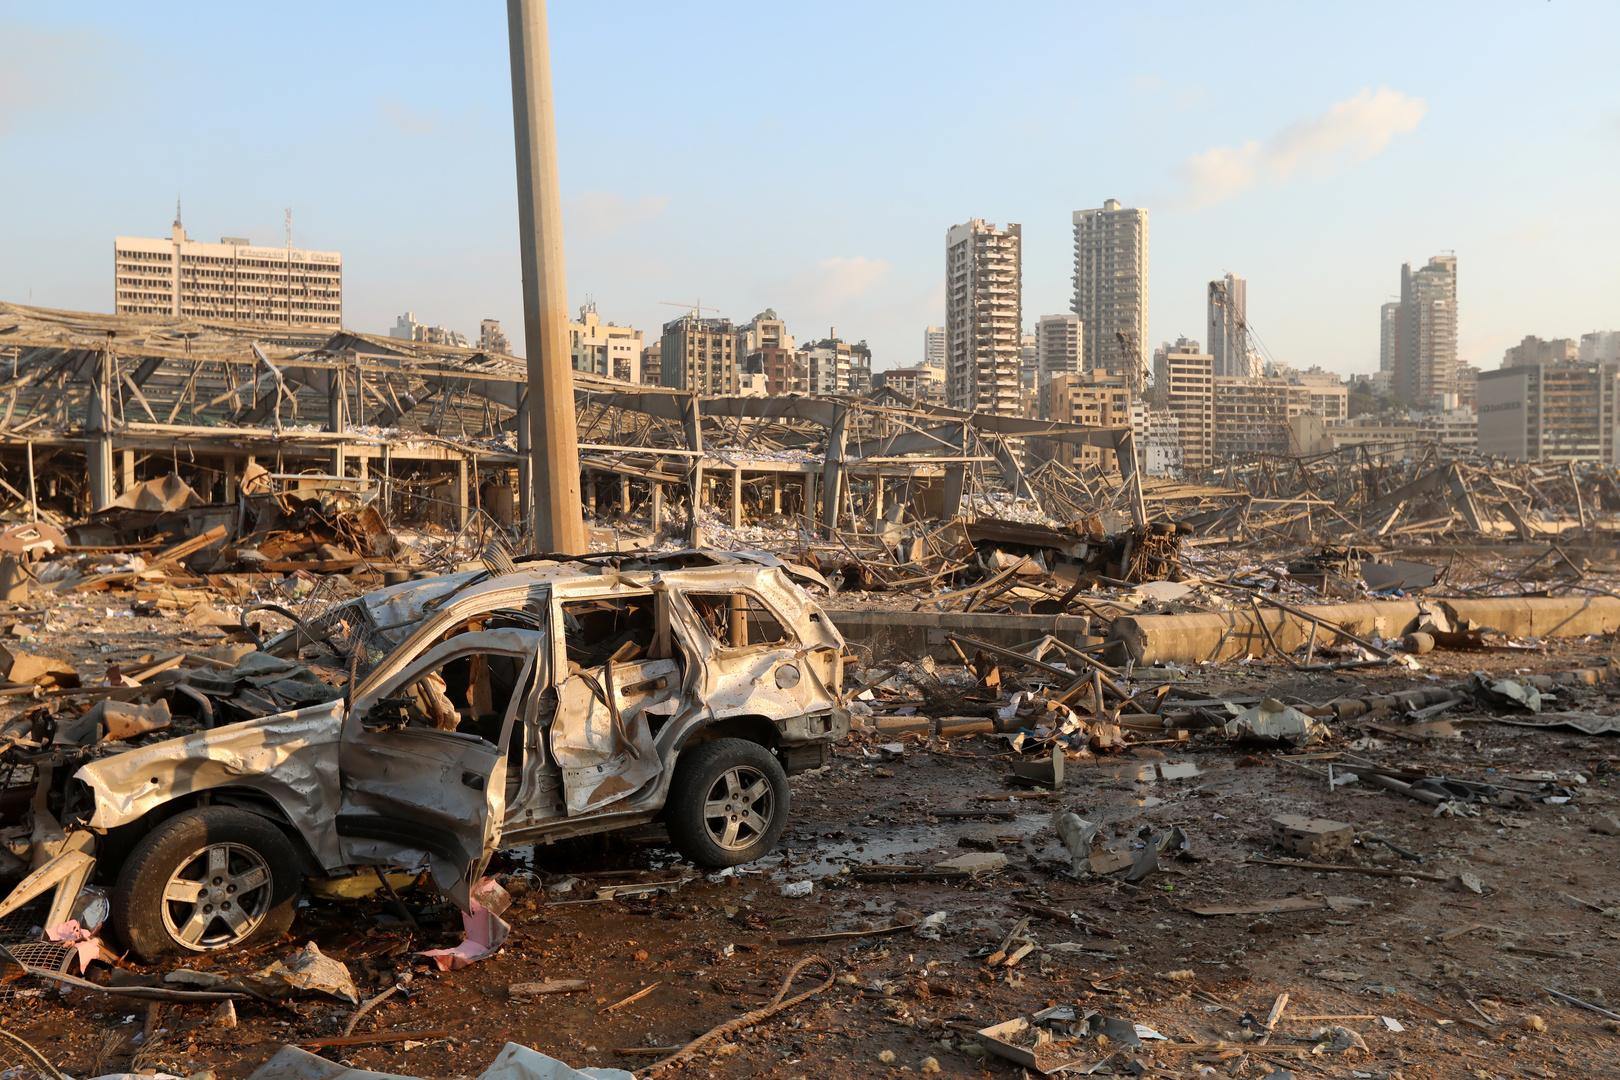 المجلس الأعلى للدفاع يعلن بيروت مدينة منكوبة